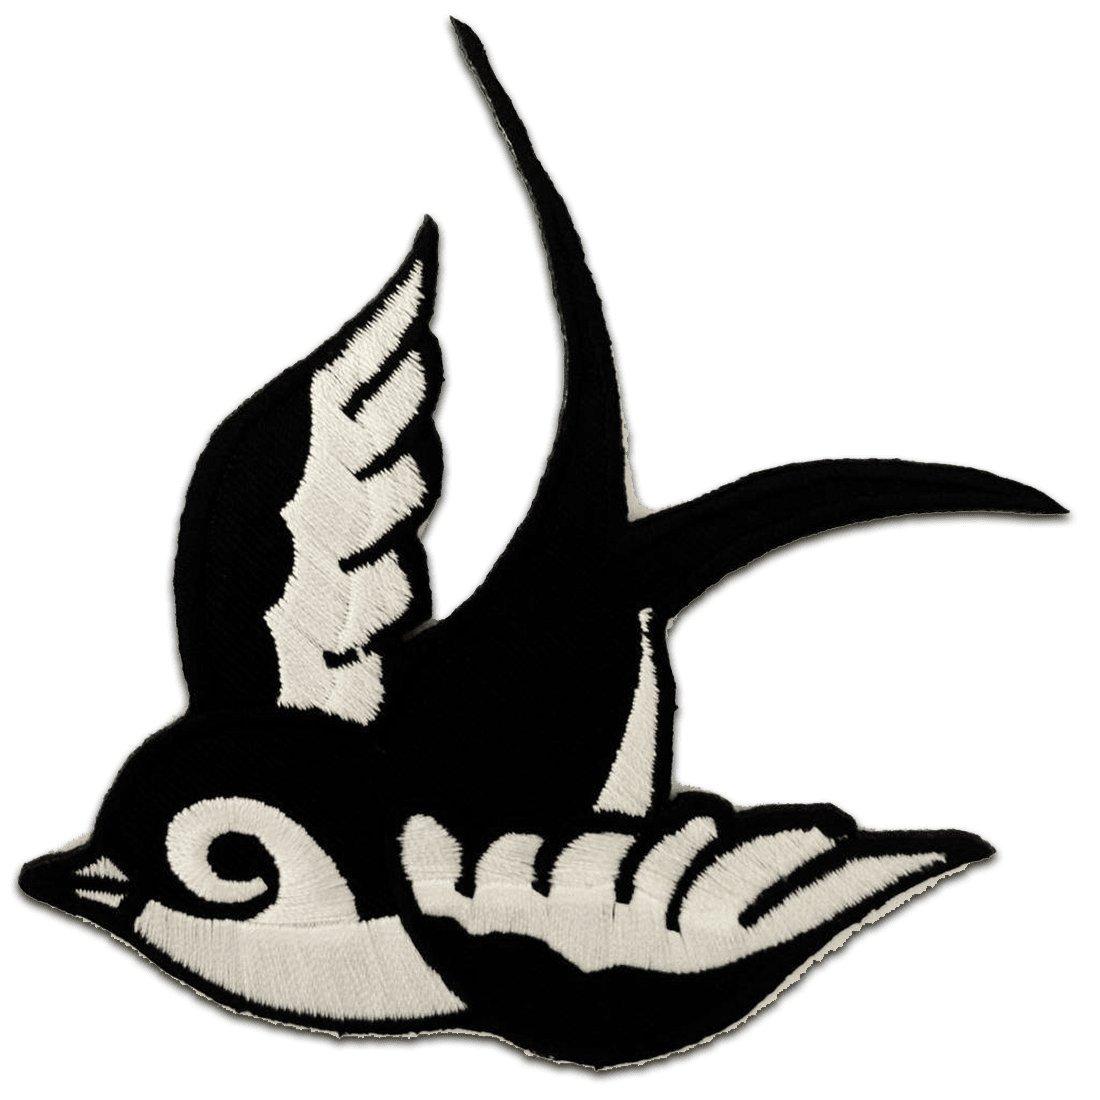 Toppe termoadesive - rondine uccello - nero - 9, 5x6, 3cm - Patch Toppa ricamate Applicazioni Ricamata da cucire adesive catch-the-patch